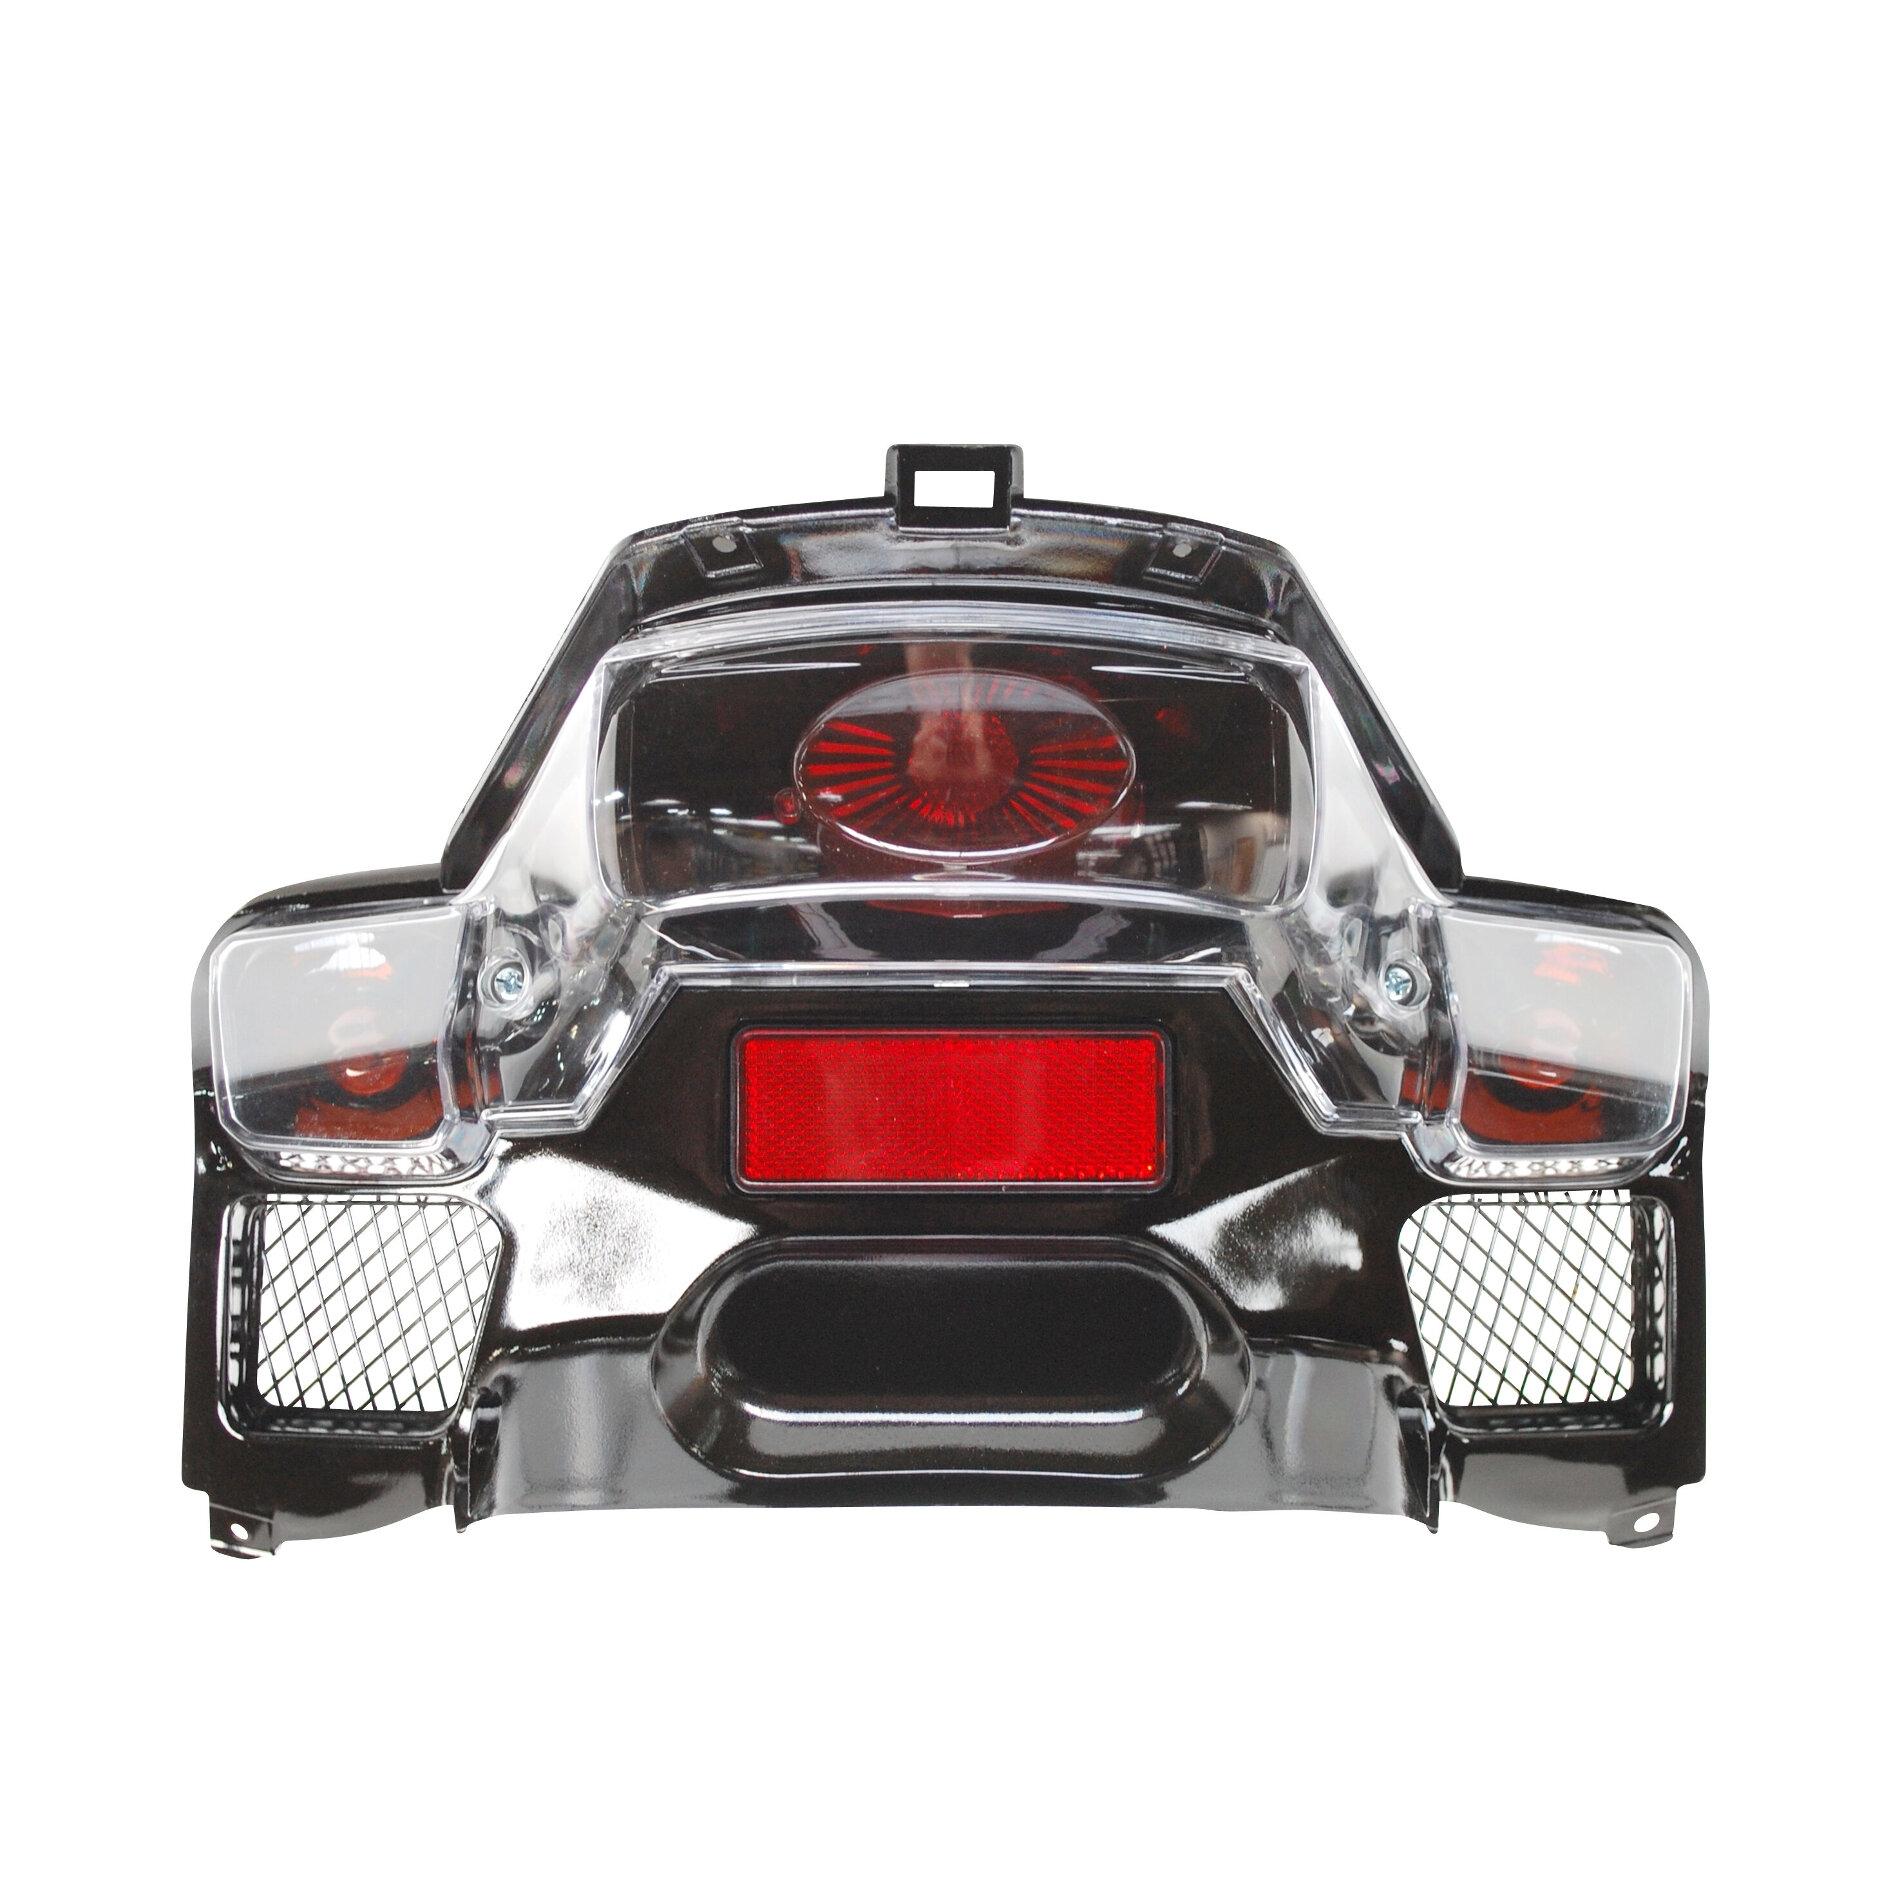 Feu arrière complet Type Lexus fond noir Booster Next